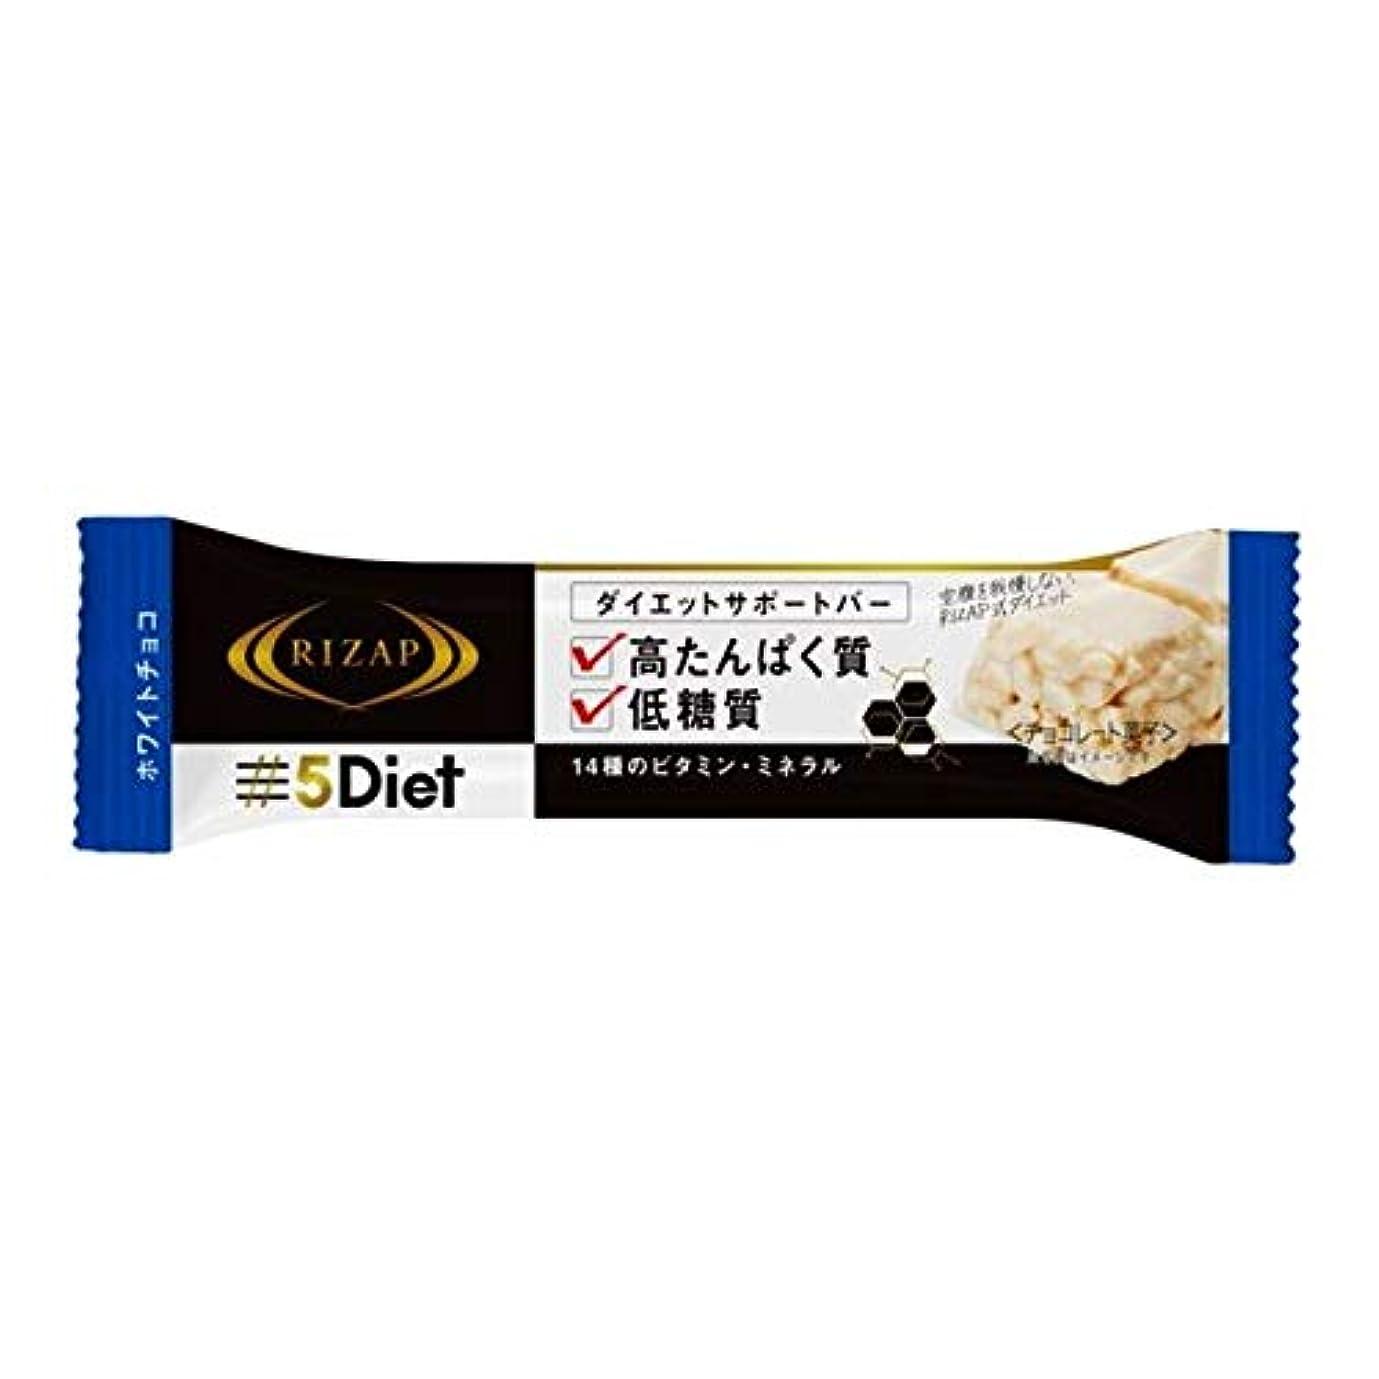 好ましい不確実骨髄◆RIZAP(ライザップ) ダイエットサポートバー ホワイトチョコ 30g【6個セット】